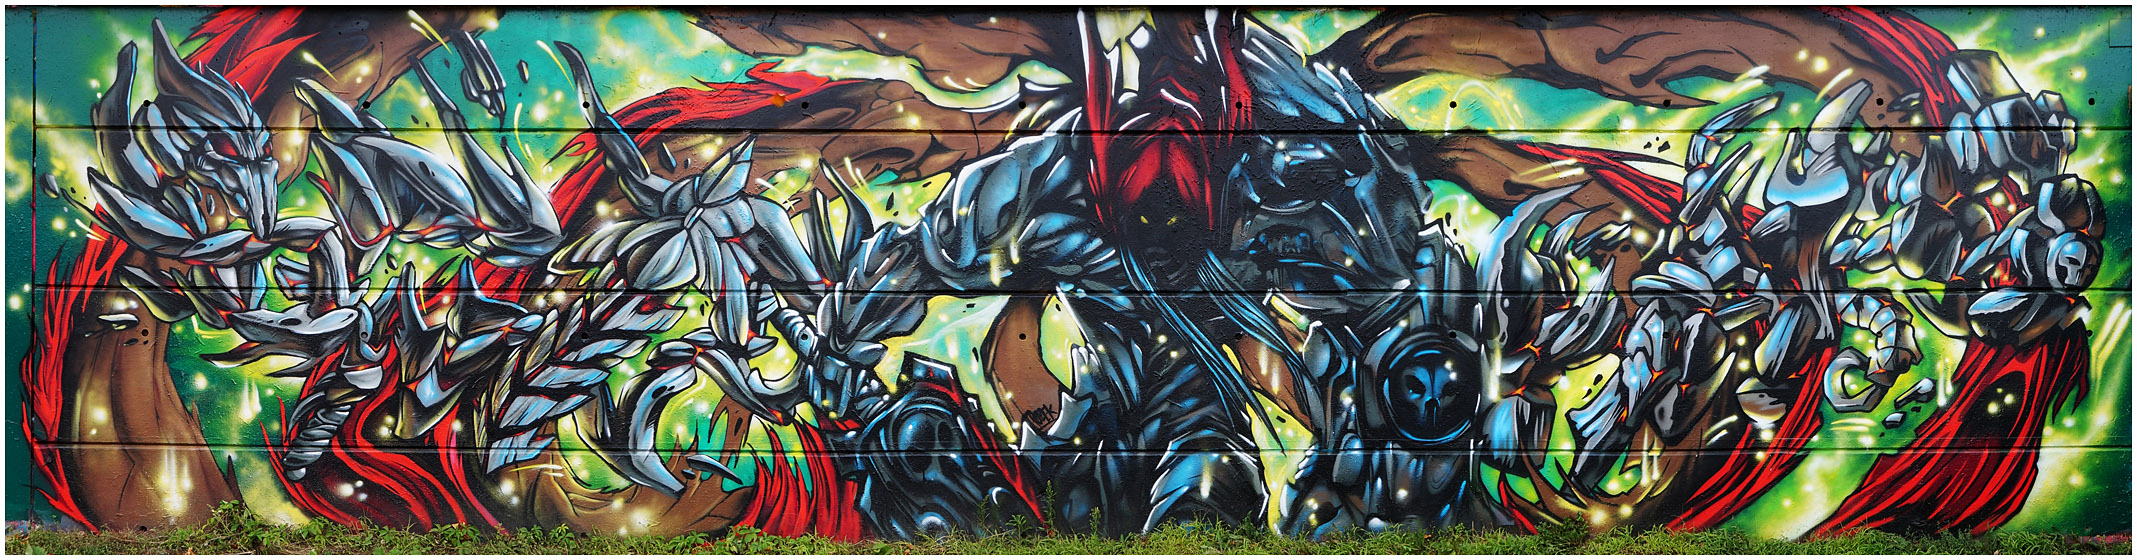 Graffiti Darksiders